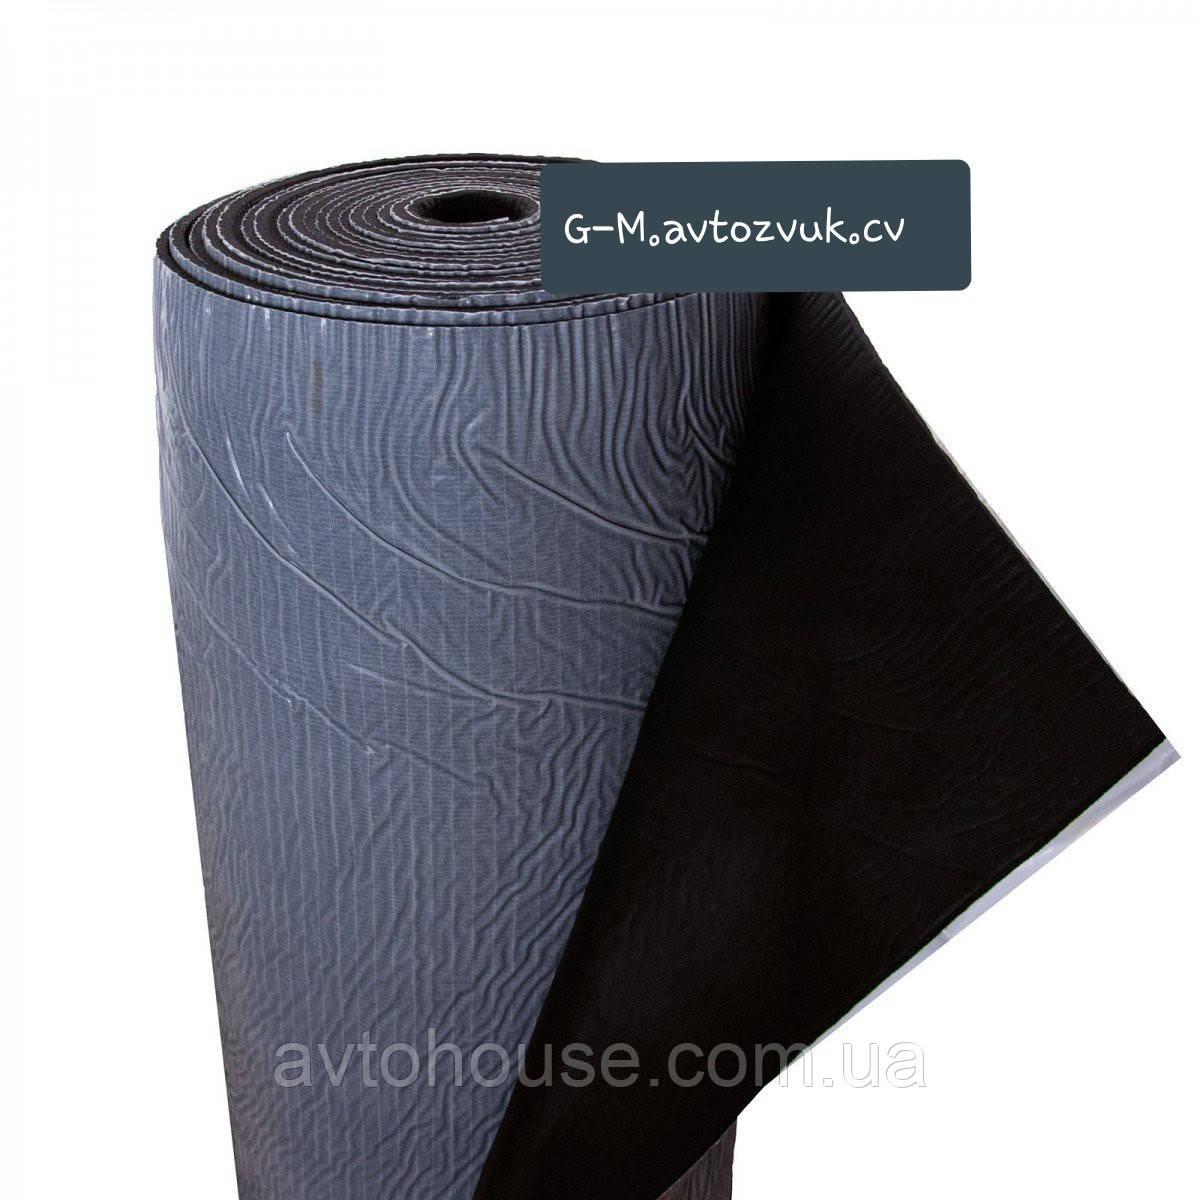 Шумоизоляция из вспененного каучука с липким слоем 6мм